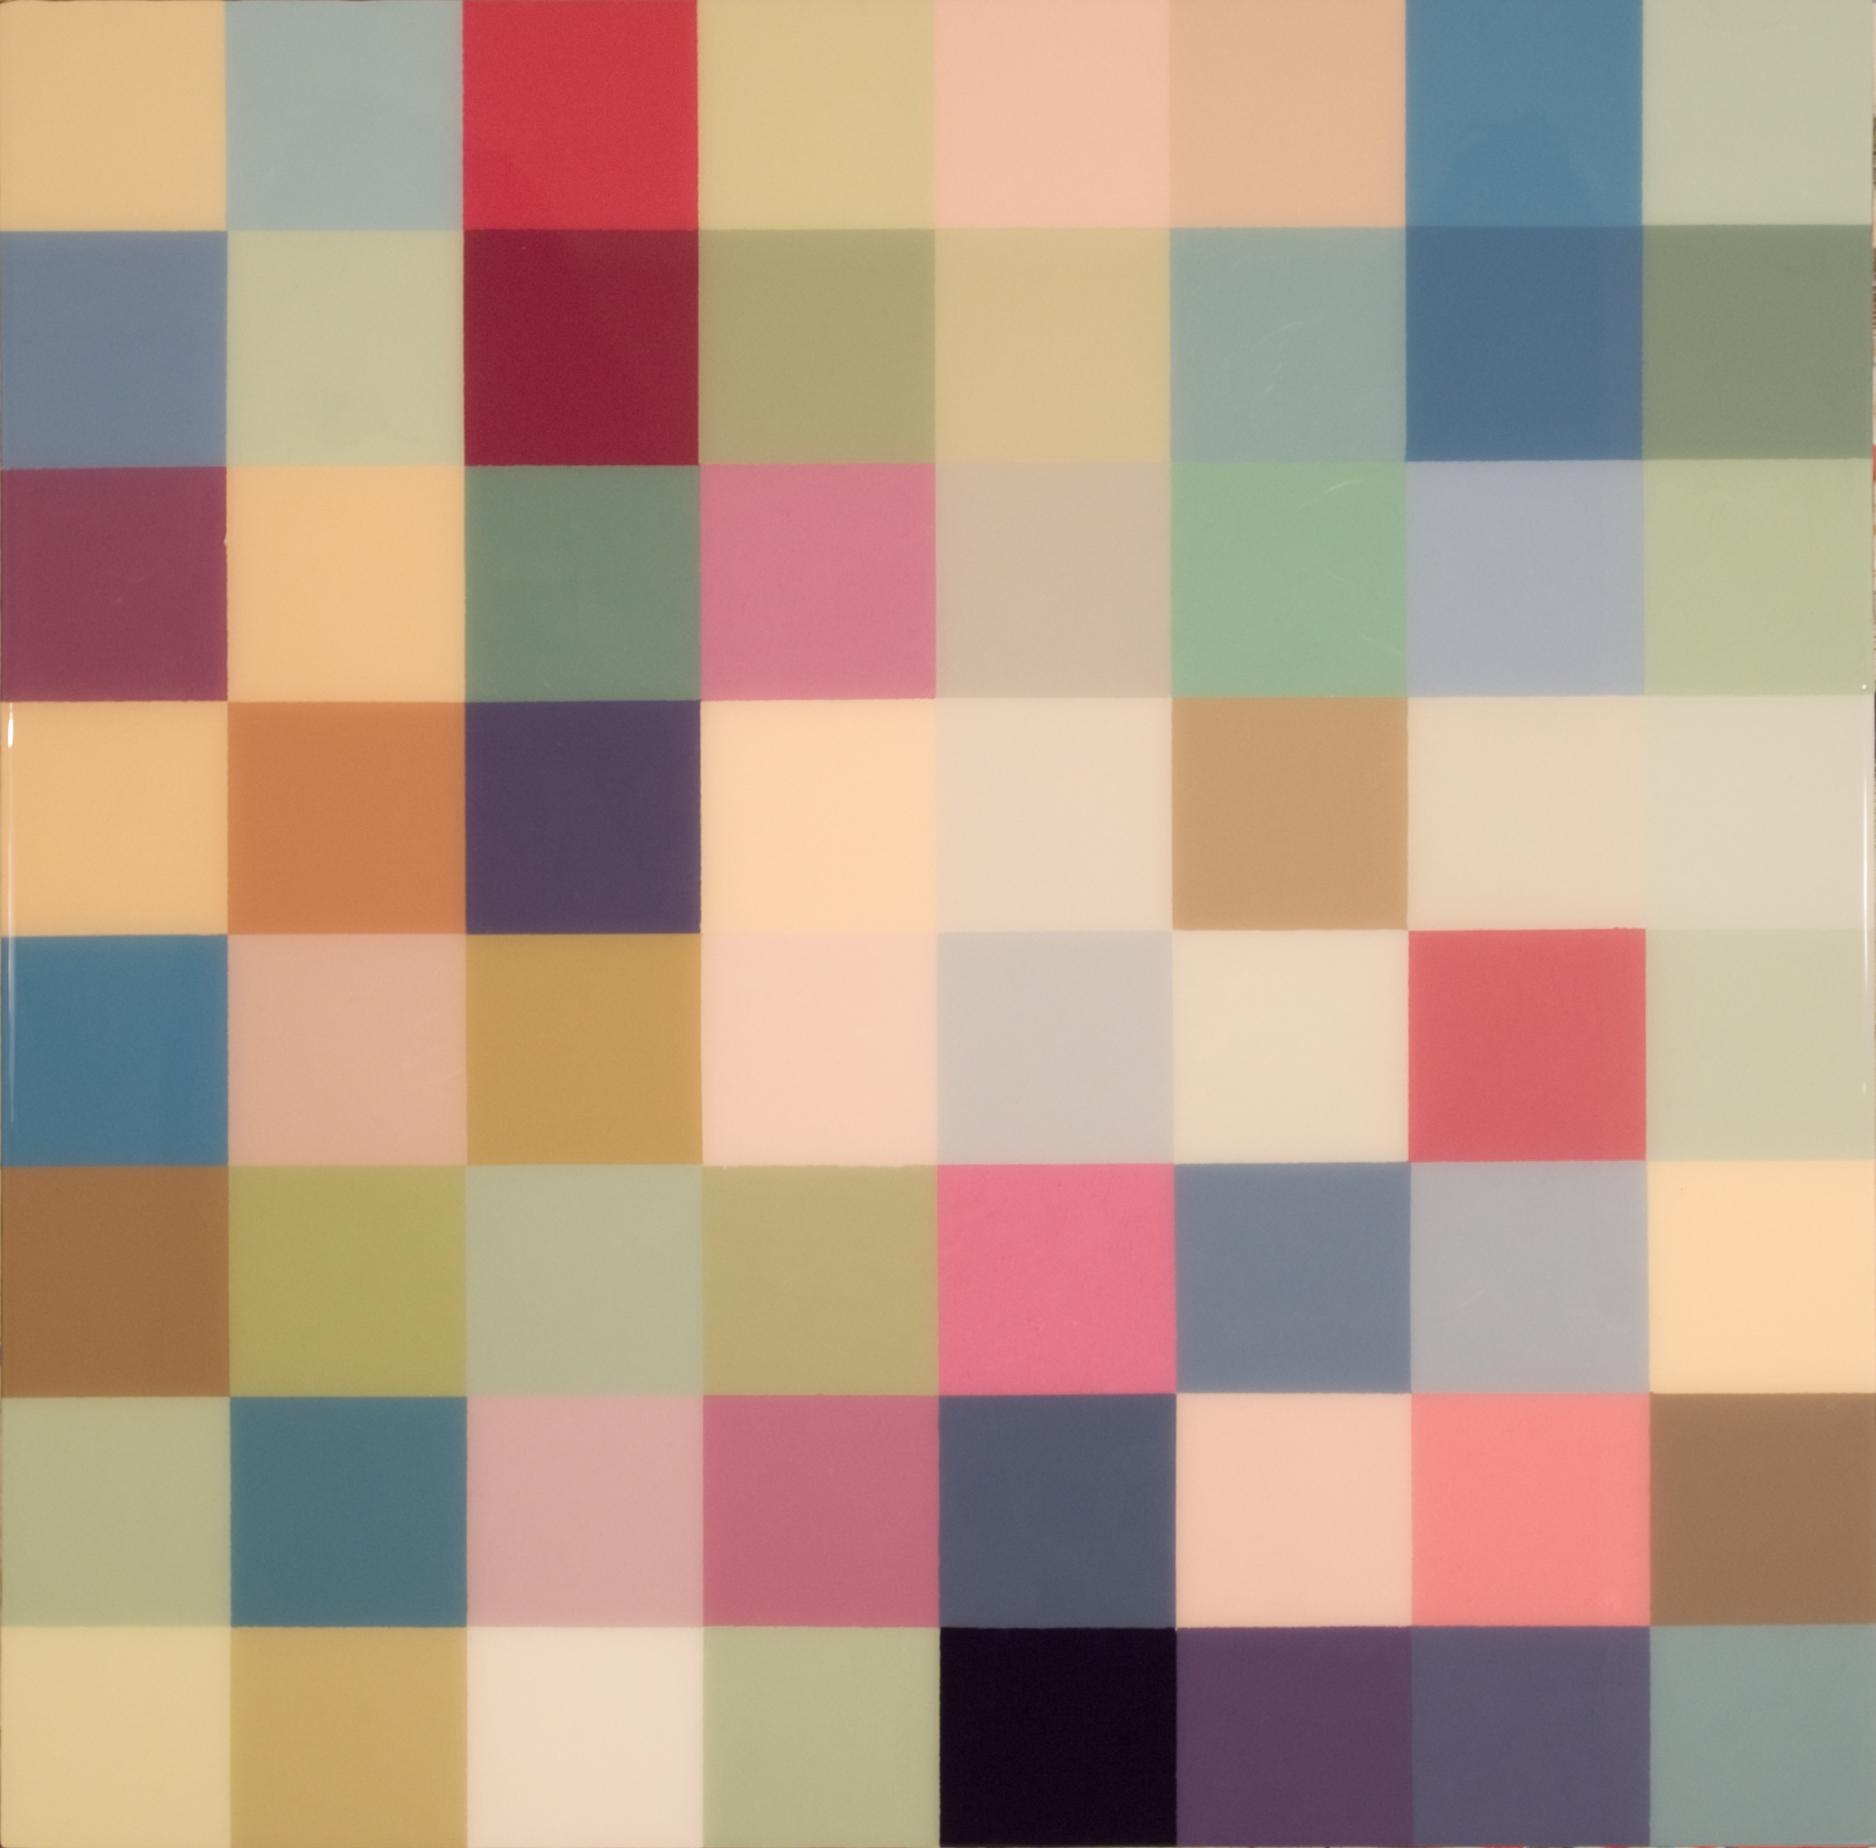 George_color.jpg